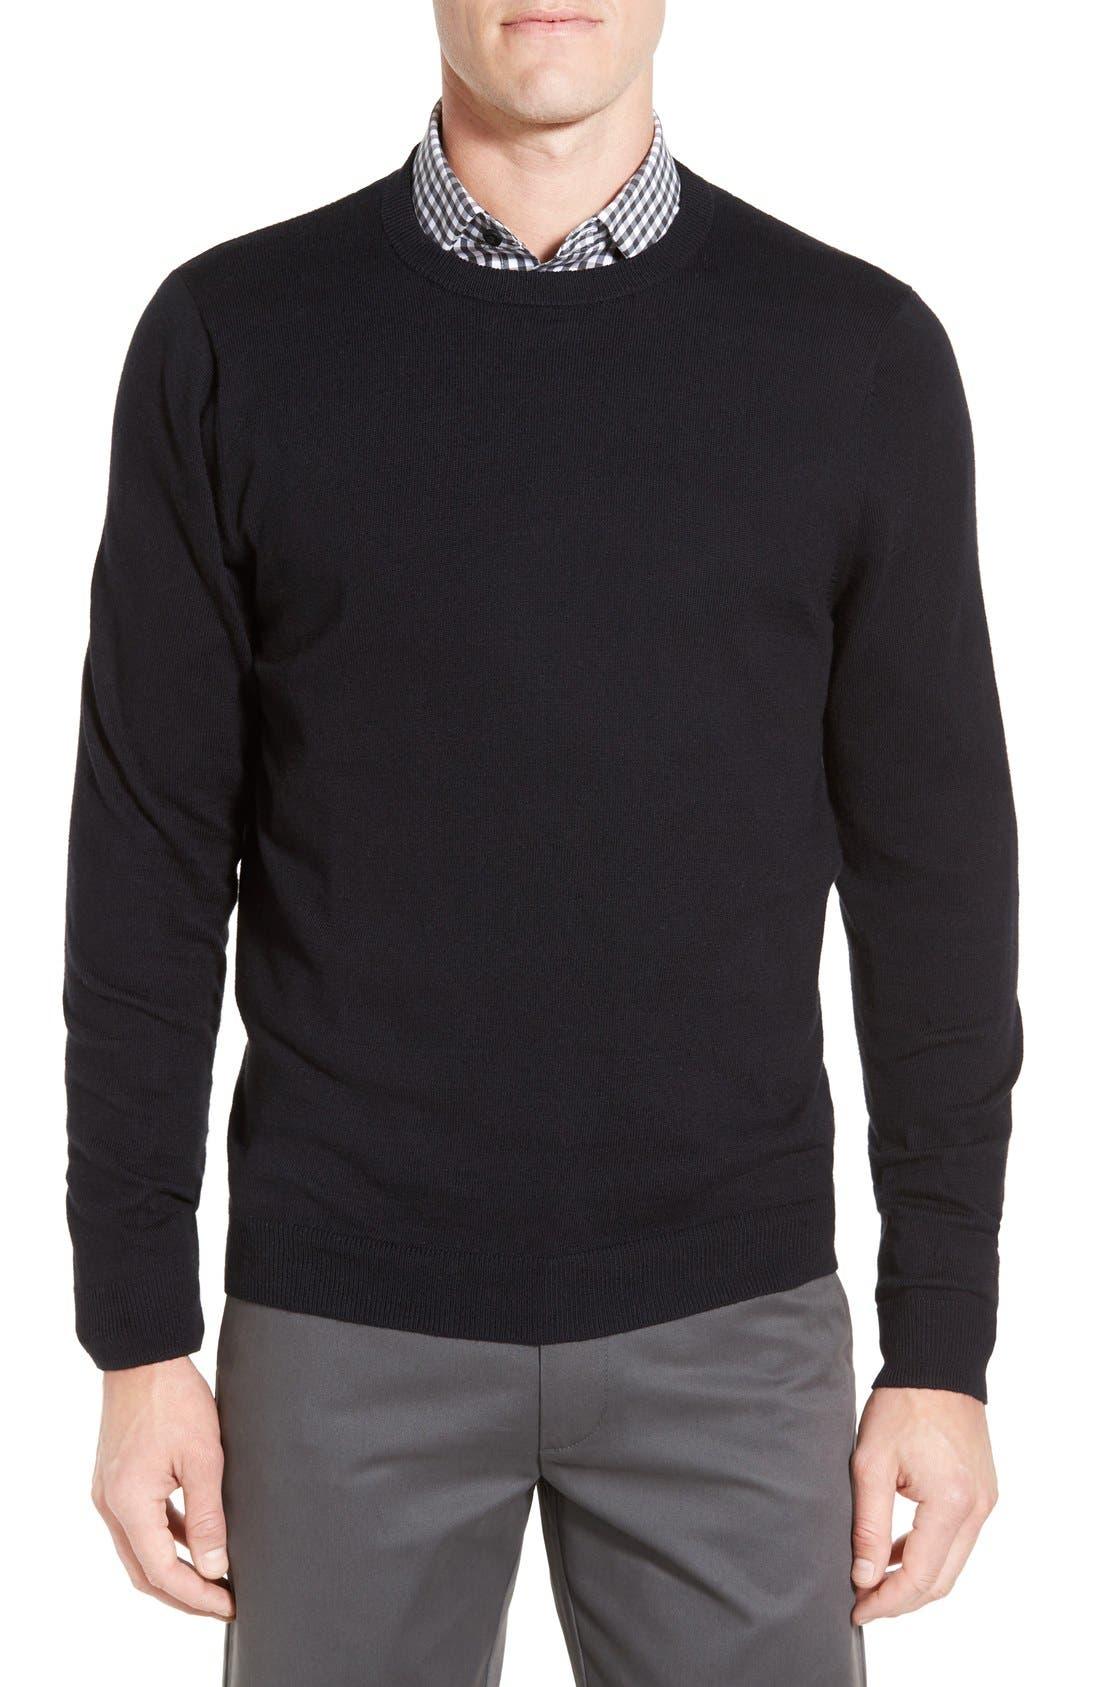 Cotton & Cashmere Crewneck Sweater,                         Main,                         color, Black Caviar